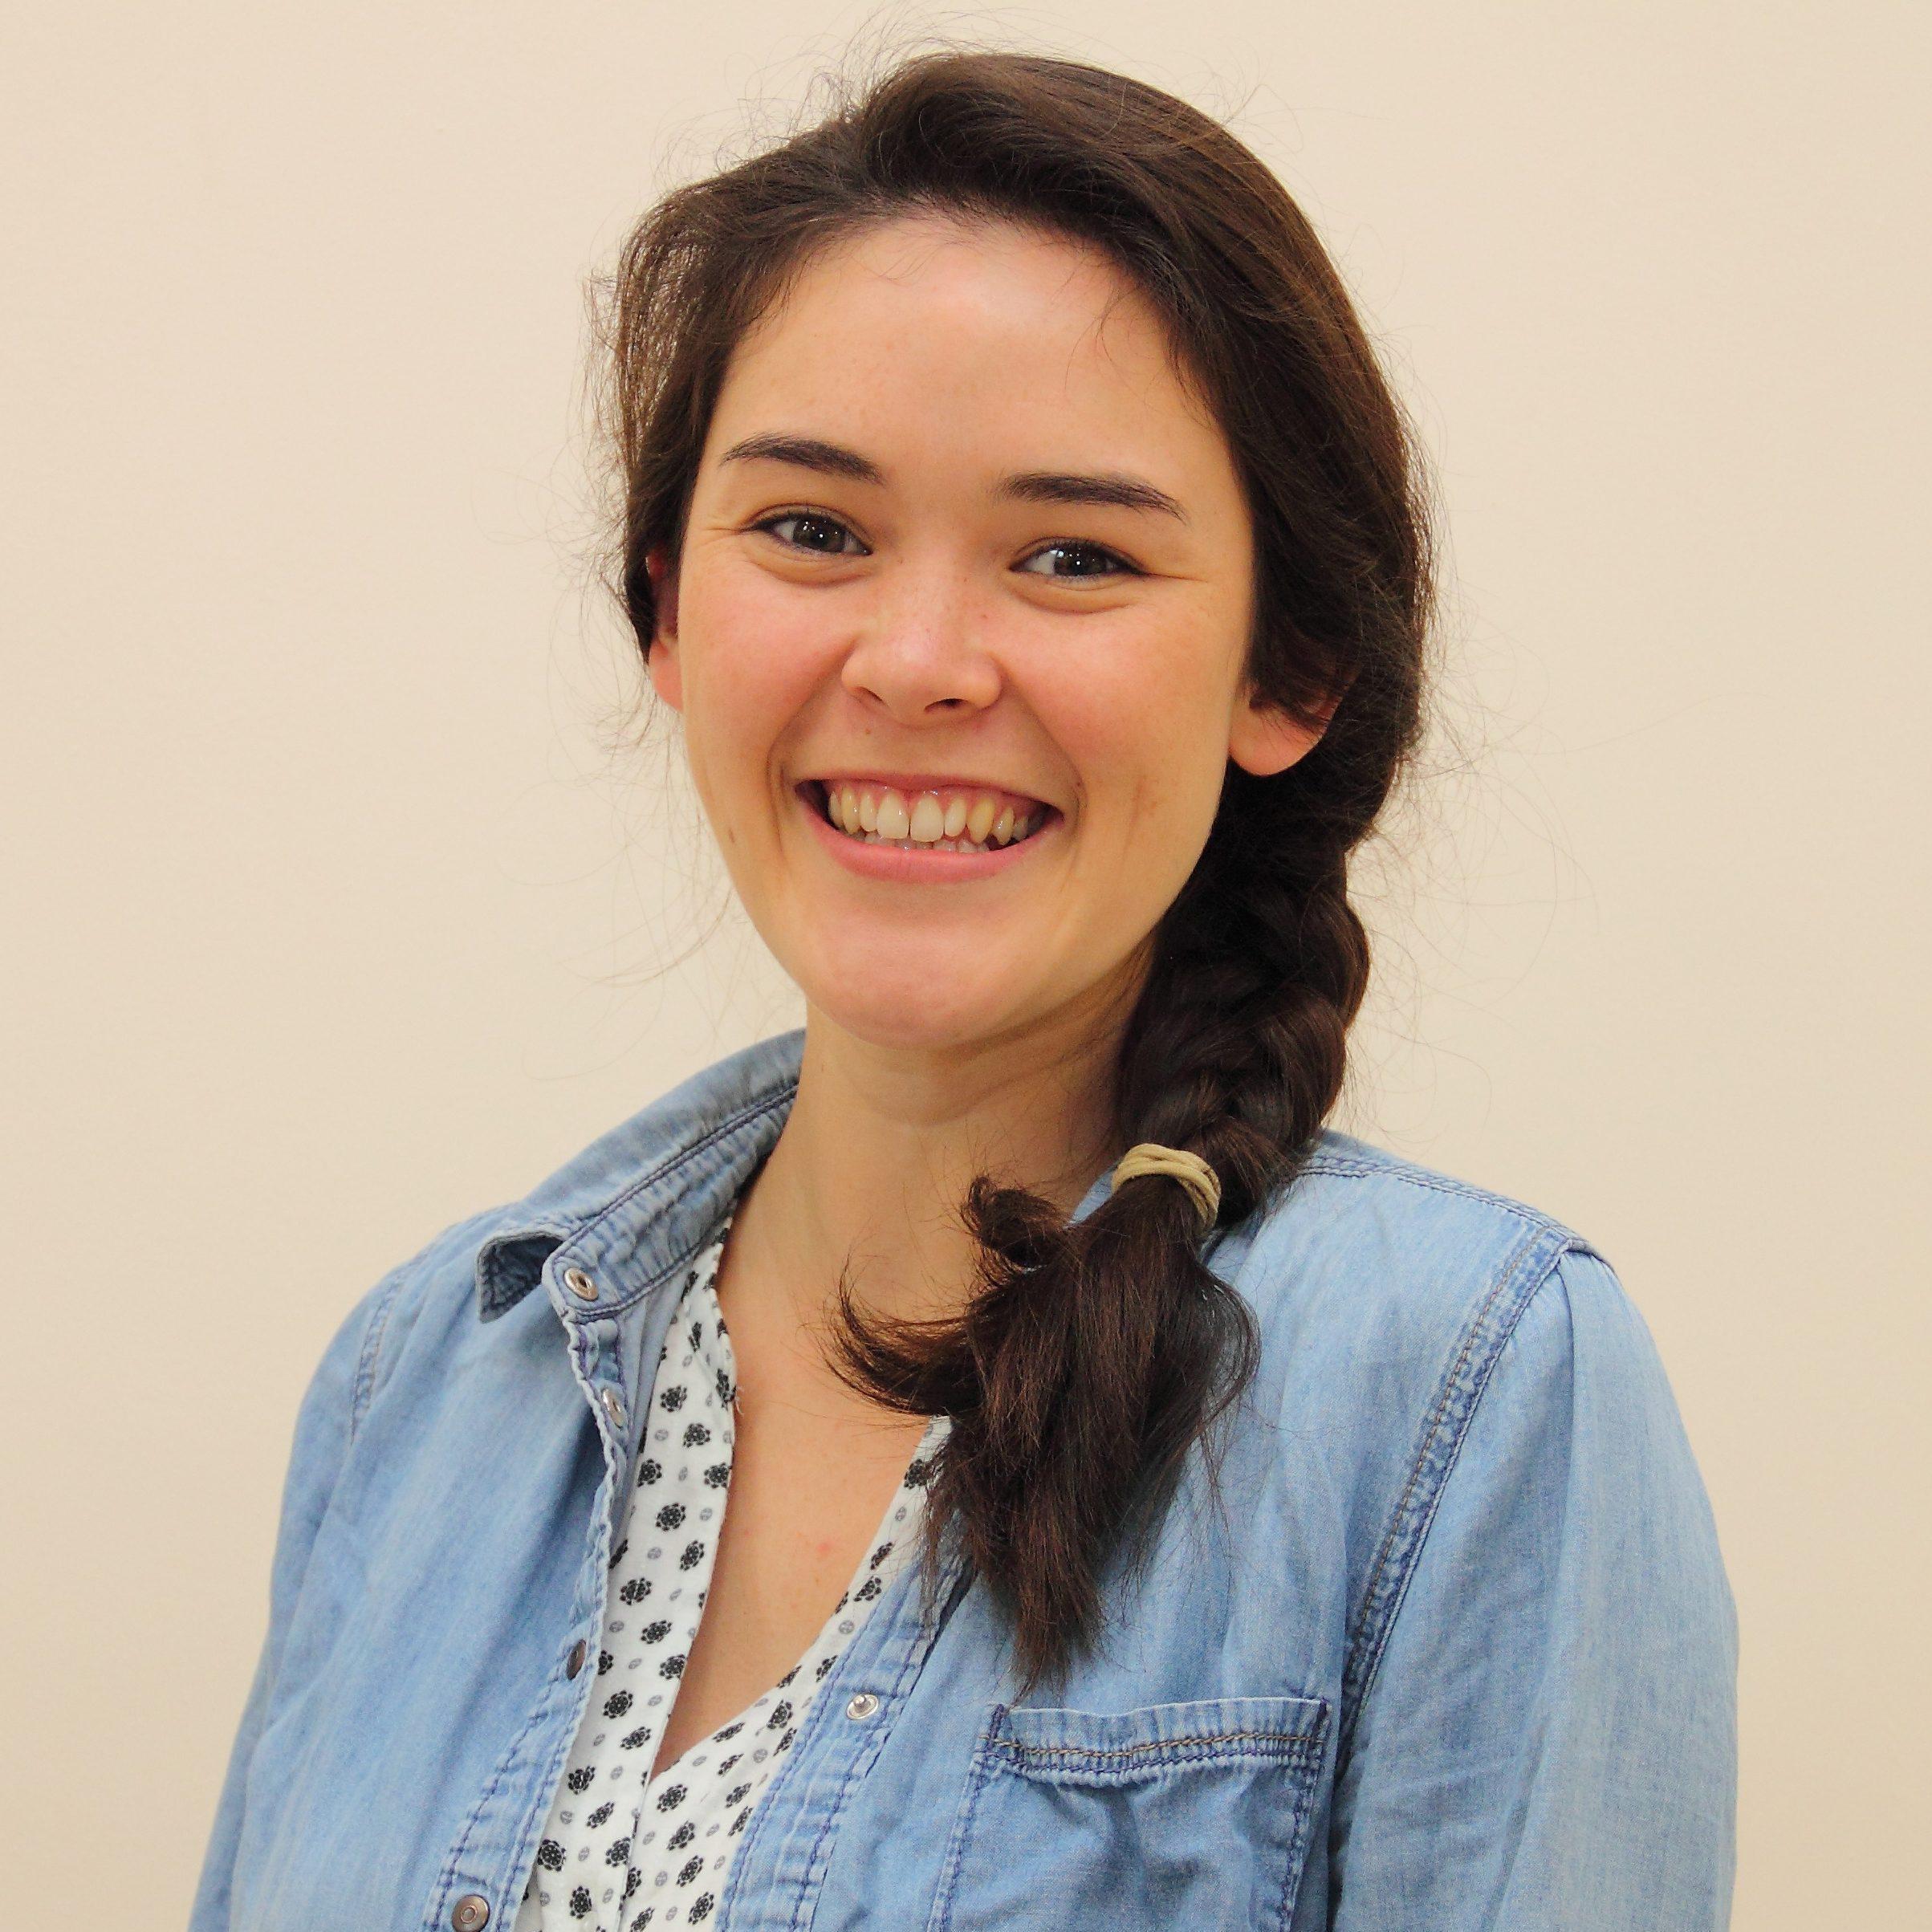 Rachel Hsuan